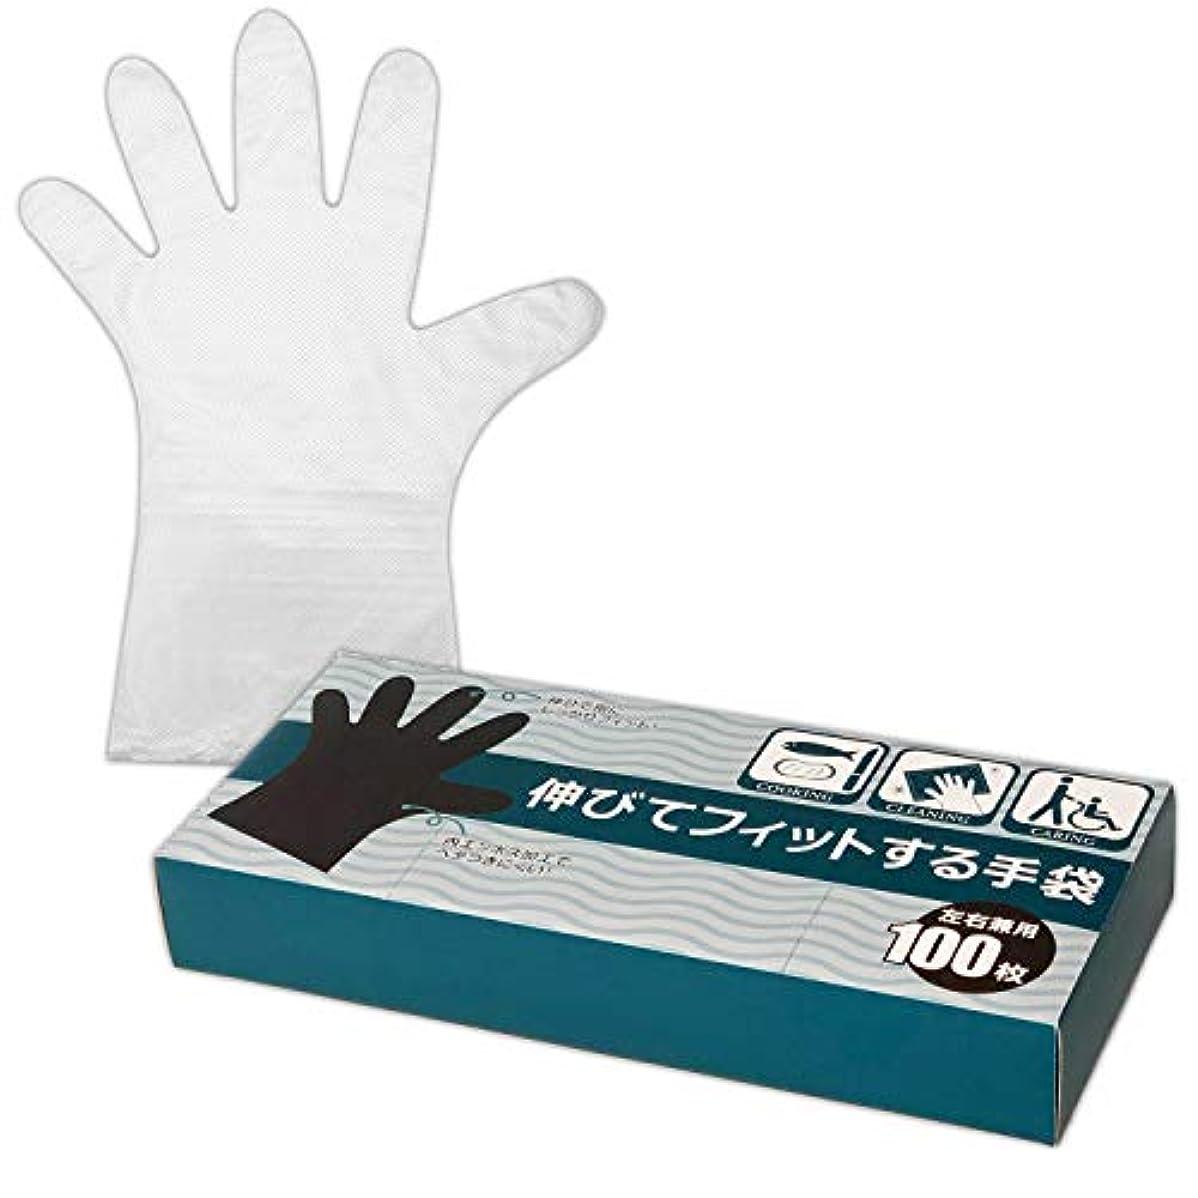 工場パースブラックボロウ怒って伸びてフィットする手袋 100枚入 使い捨て 作業用 キッチン 掃除 料理 介護